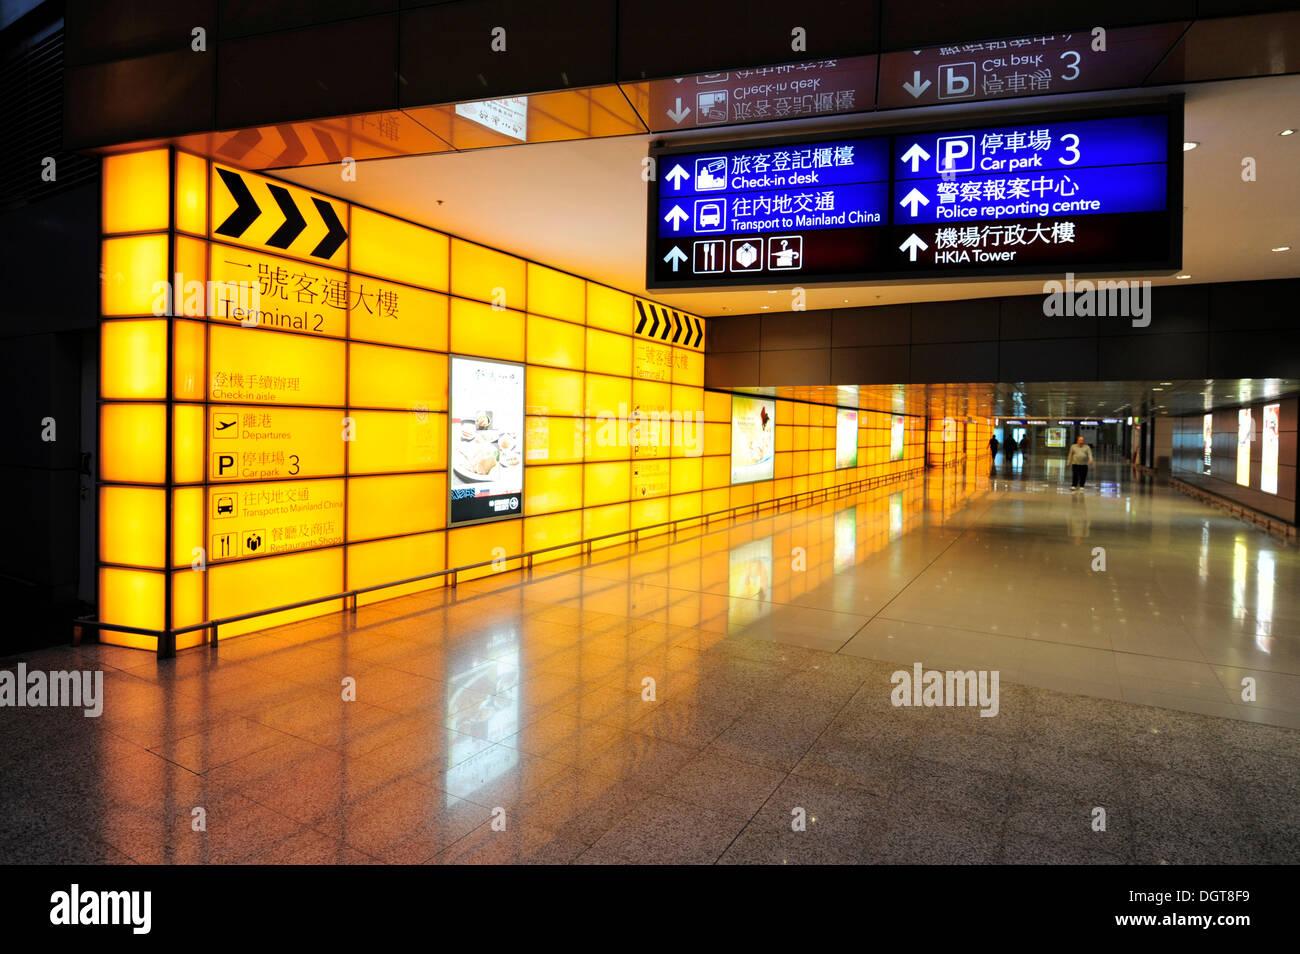 Walkway, Hong Kong International Airport, also known as Chek Lap Kok Airport, Hong Kong, China, Asia - Stock Image